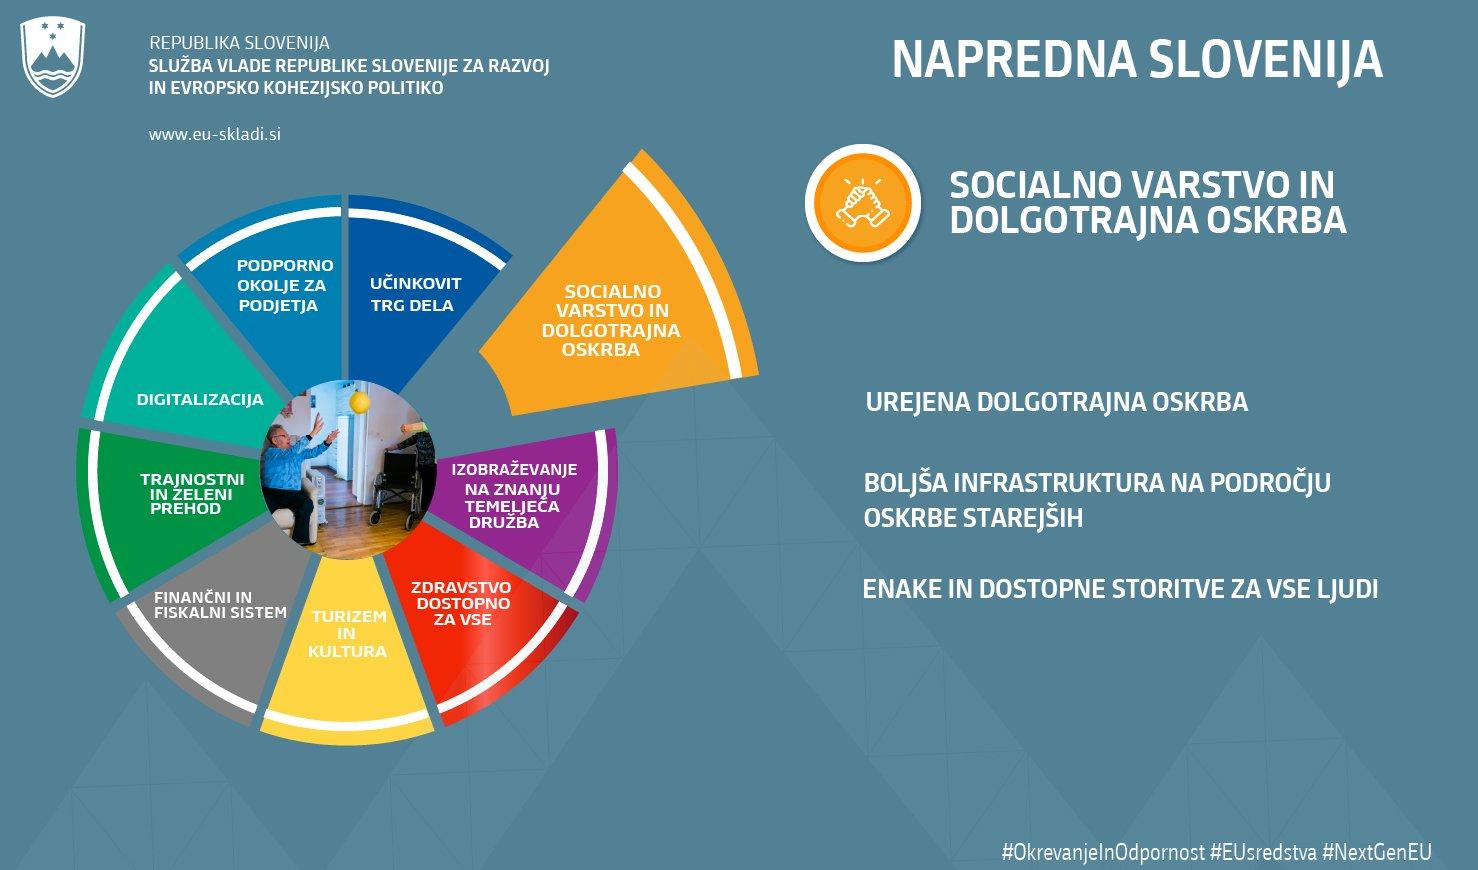 NOO odgovarja tudi na izzive starajoče se populacije in predvideva urejeno dolgotrajno oskrbo, boljšo infrastrukturo na področju oskrbe starejših in enake  In dostopne storitve za vse.